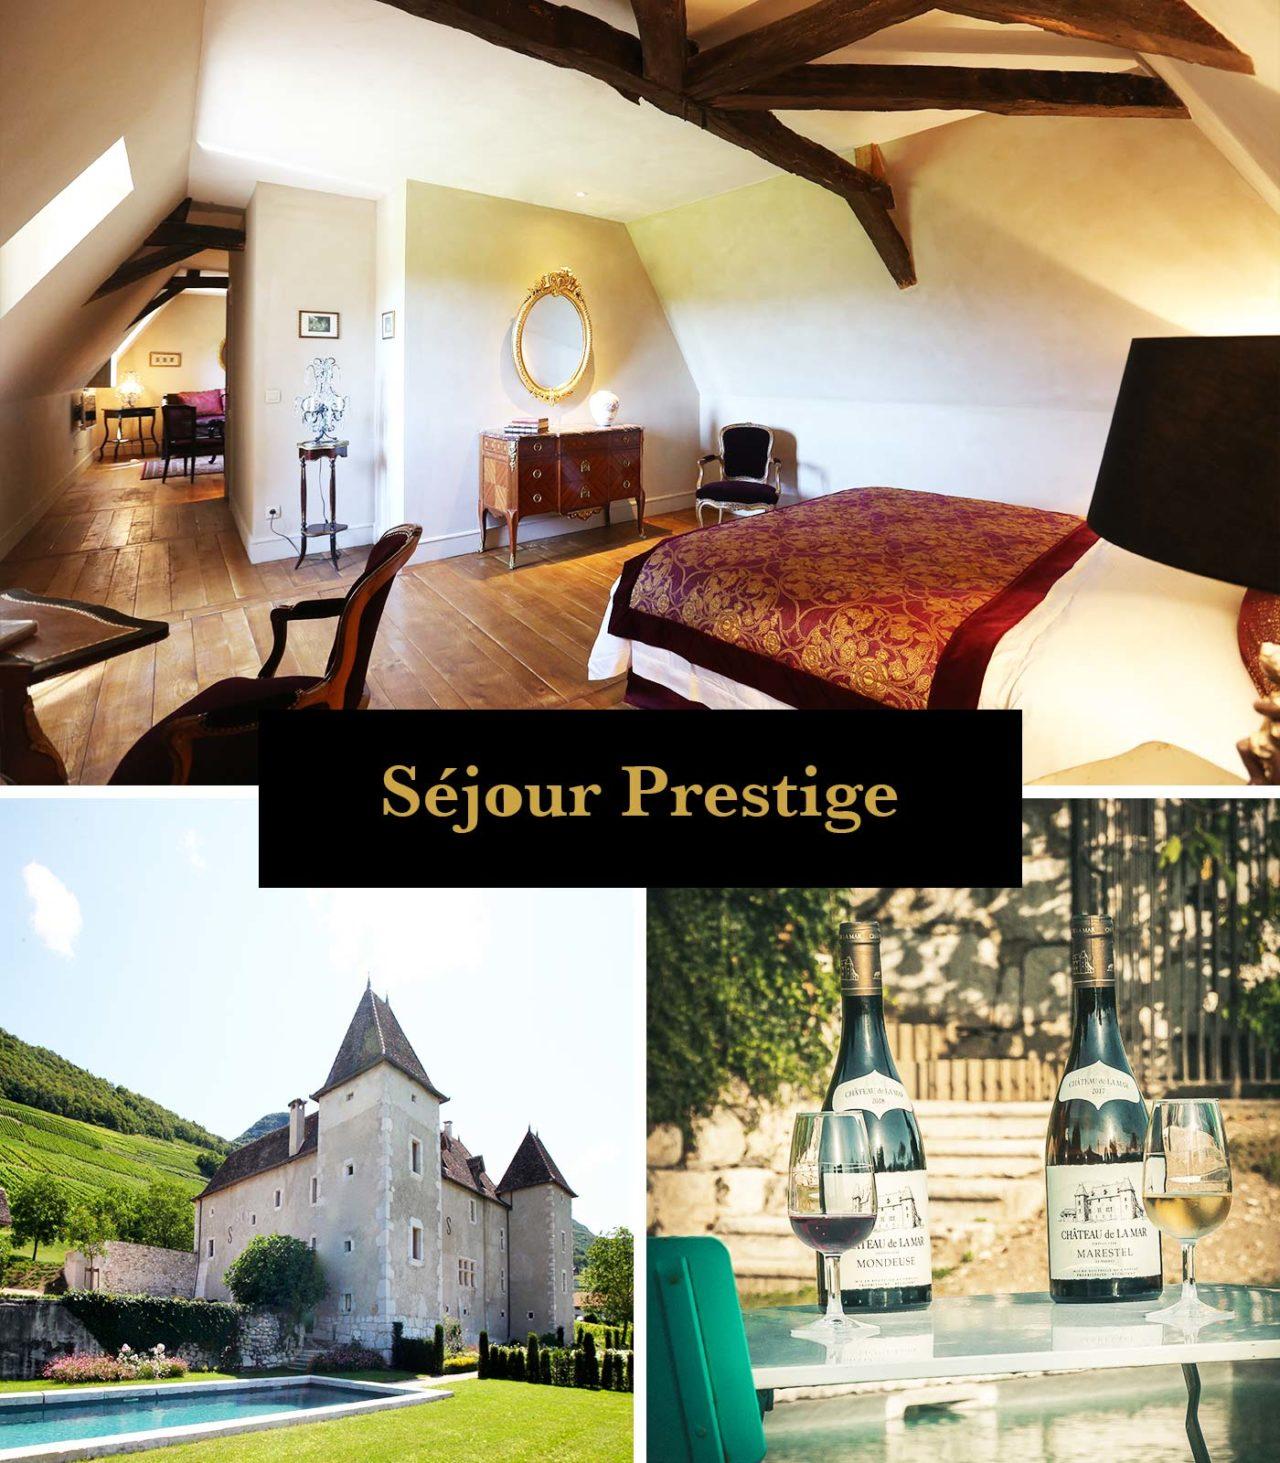 Sejour prestige Chateau de la Mare - Suite au coeur d'un vignoble